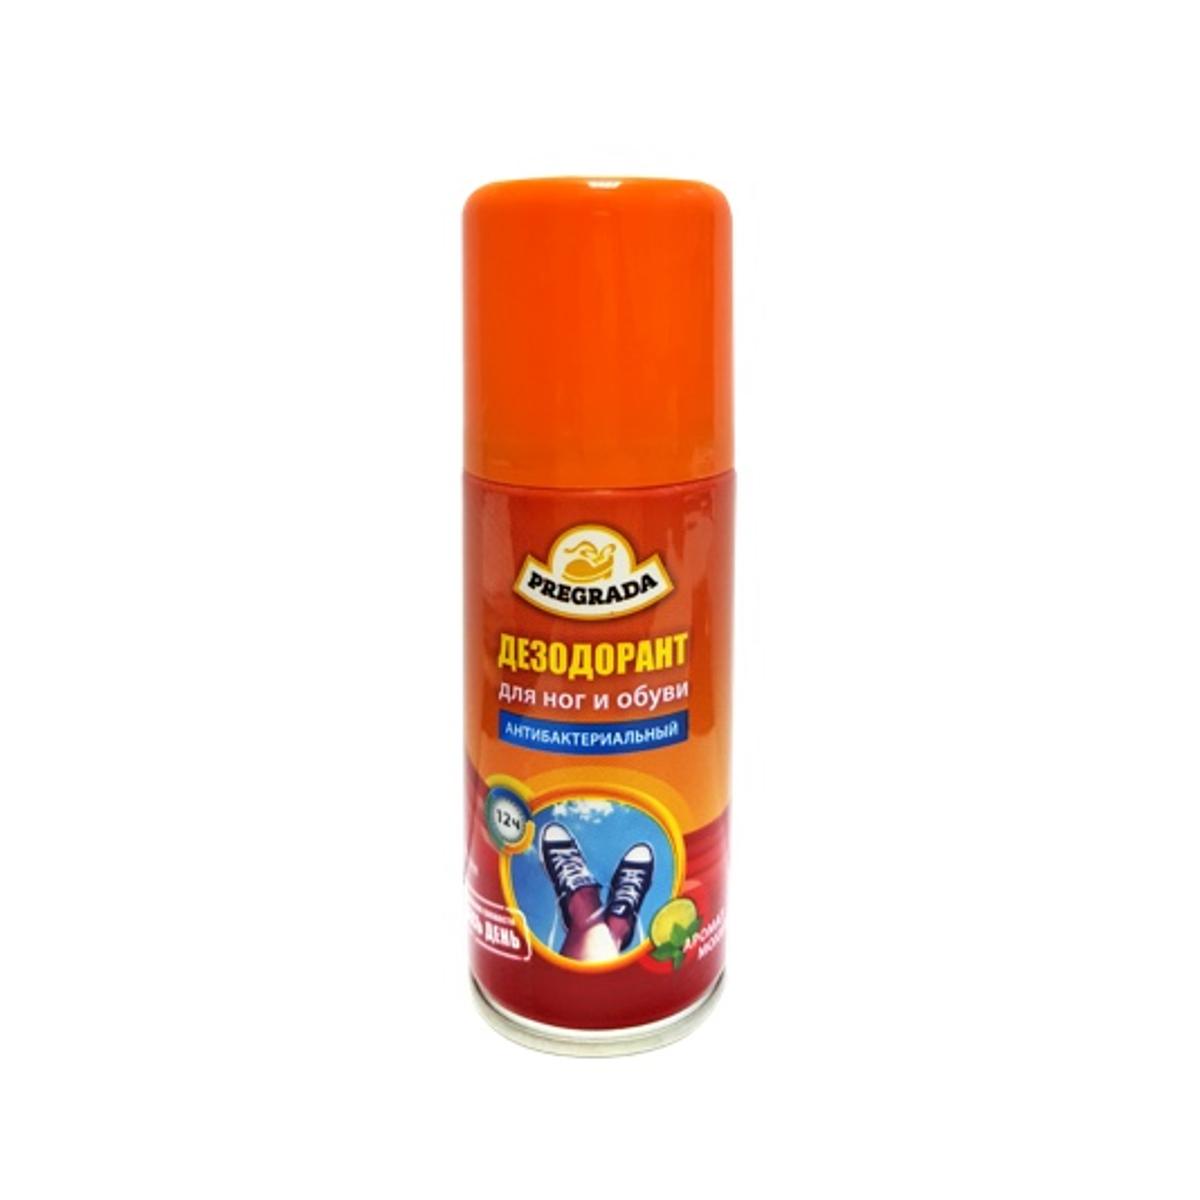 """Аэрозоль дезодорант для ног и обуви Pregrada """"Защита от запаха"""" HS.050004"""